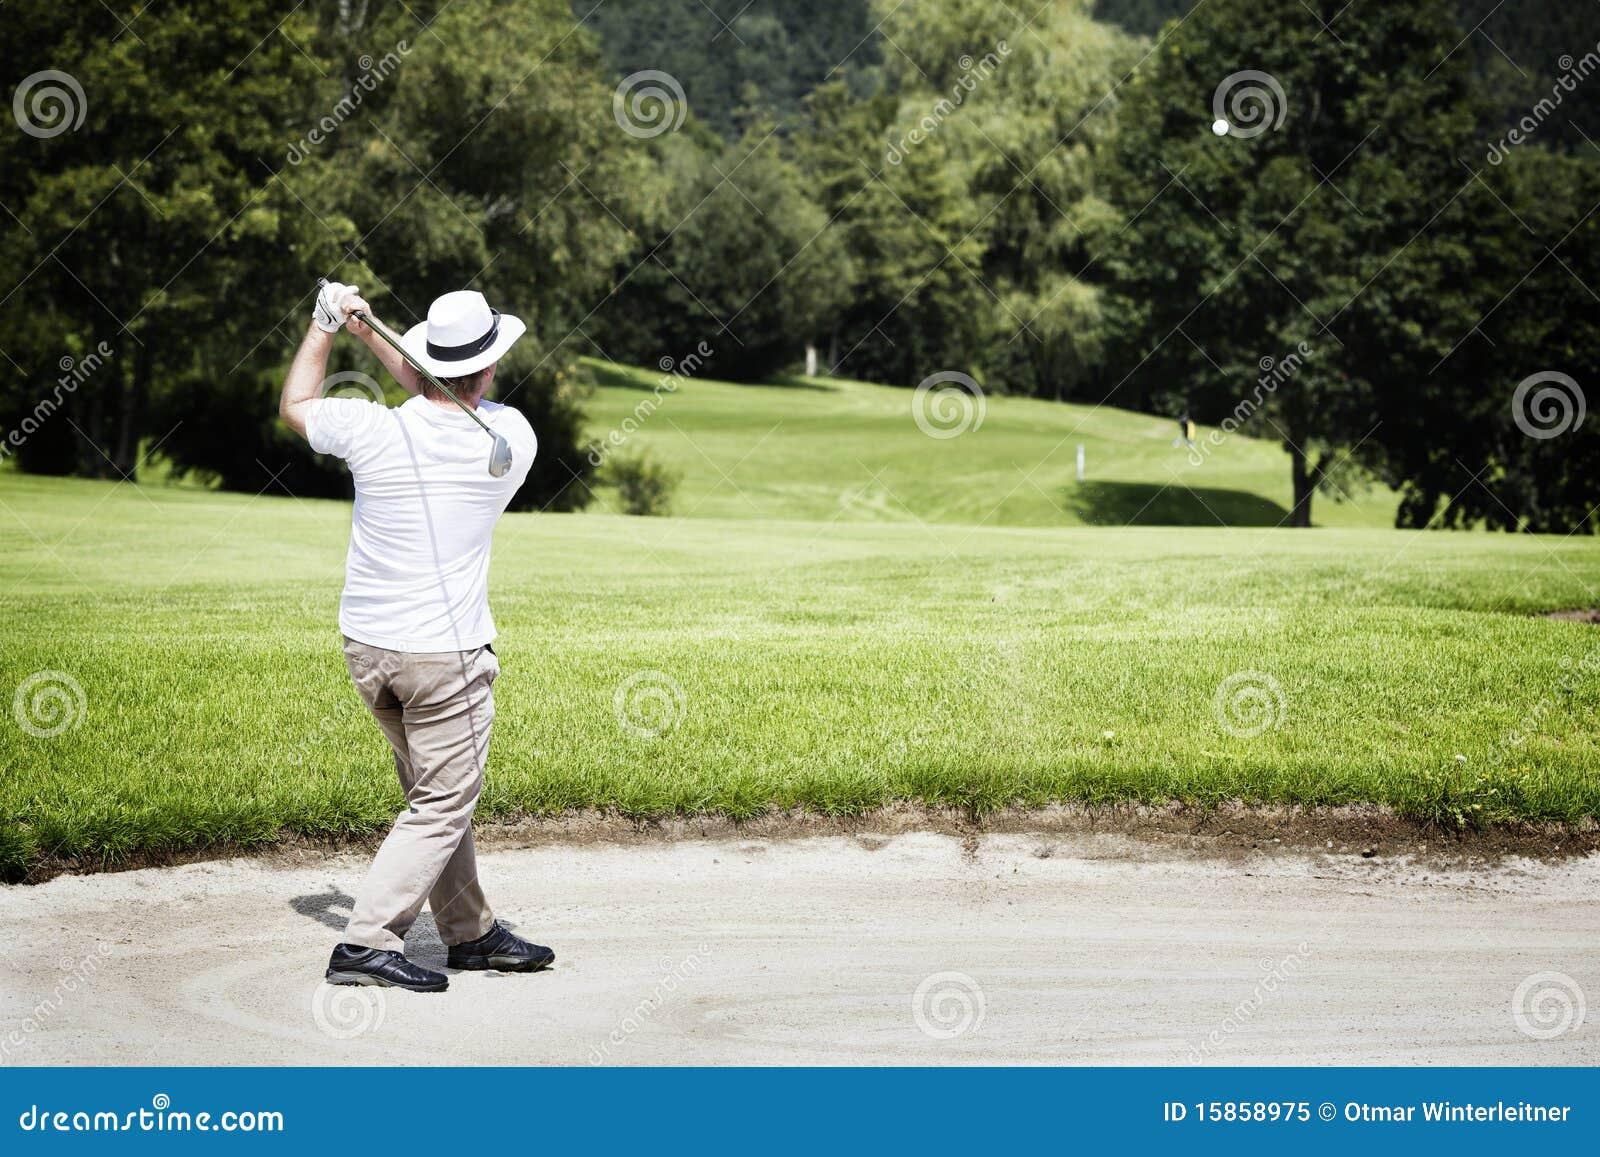 Golfspieler, der im Bunker abbricht.